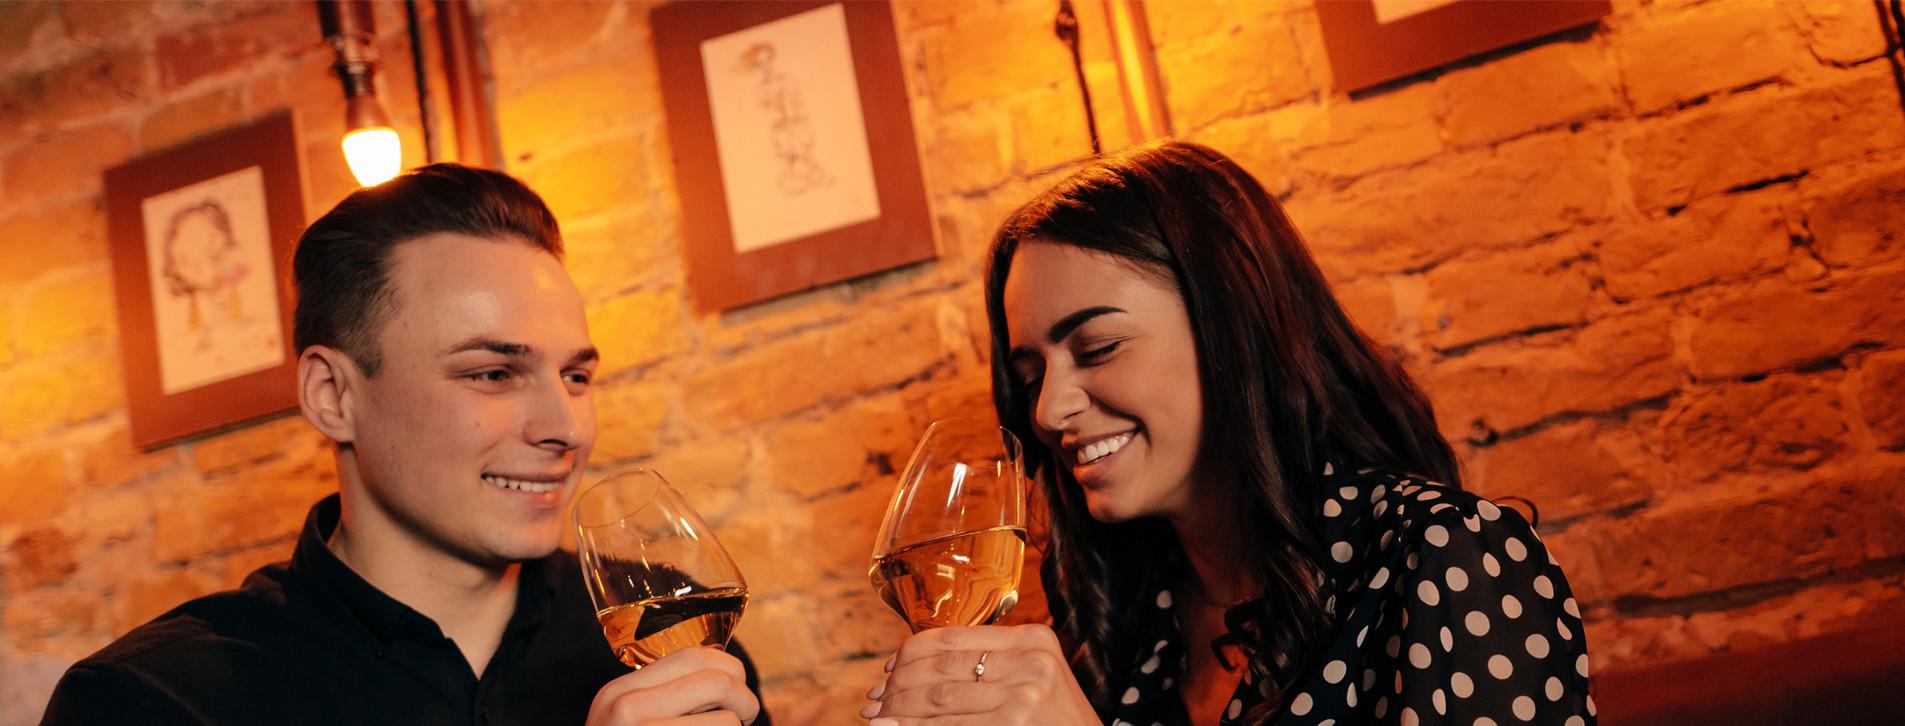 Фото 1 - Безлимитное вино для двоих